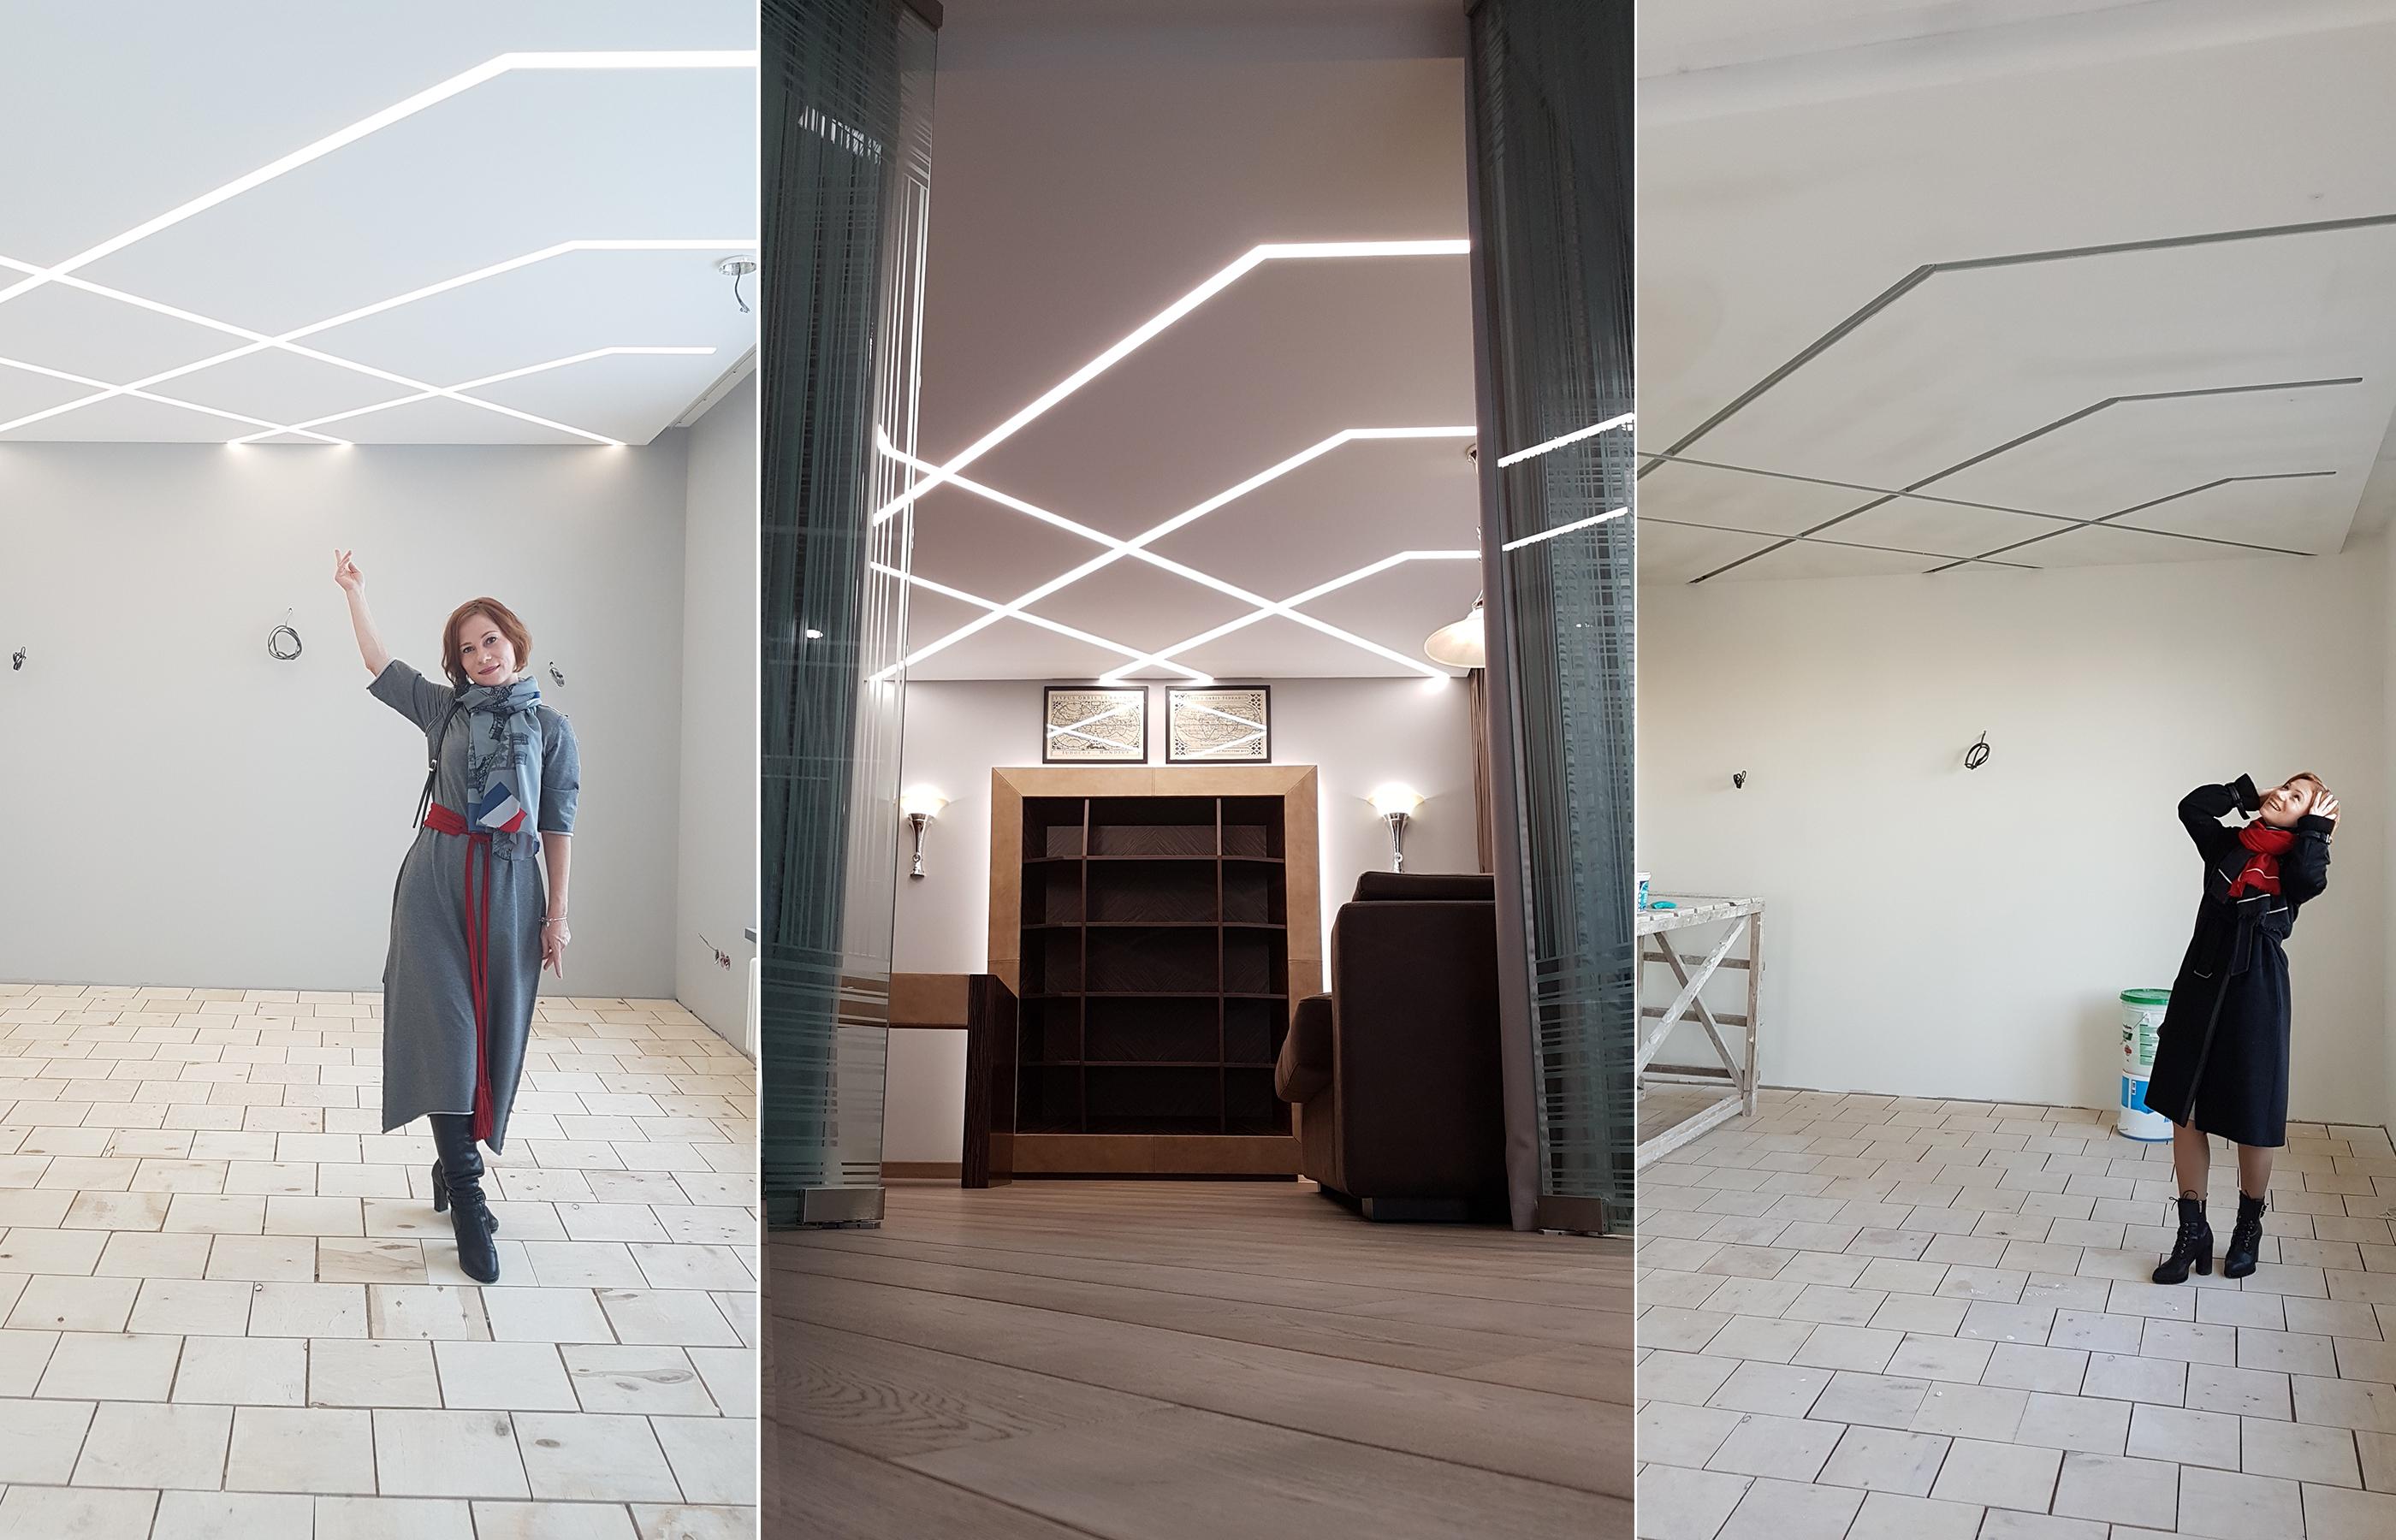 Светящийся рисунок на потолке создан с помощью линейных встроенных светильников